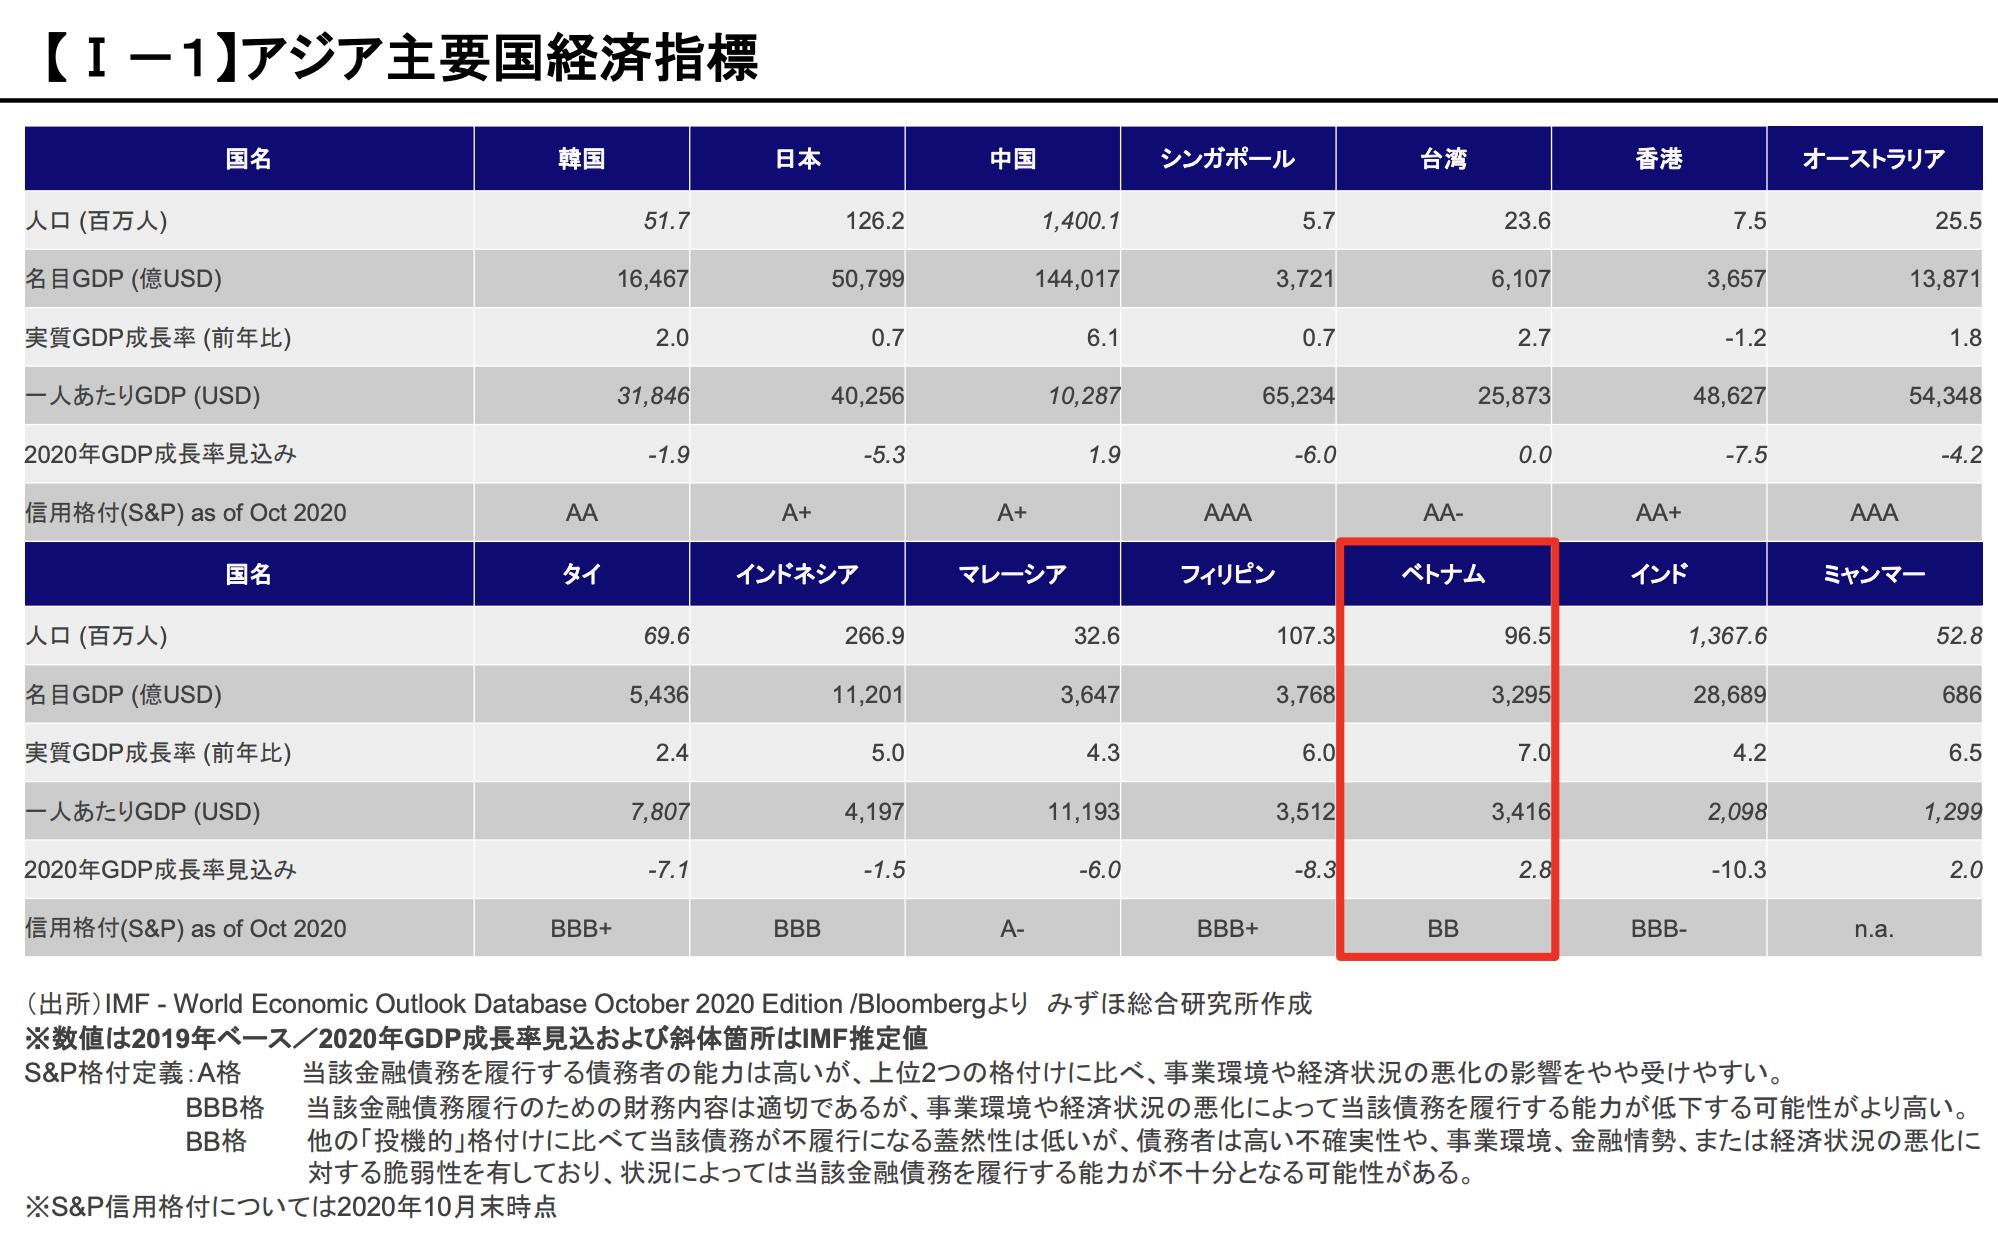 【Ⅰ-1】アジア主要国経済指標